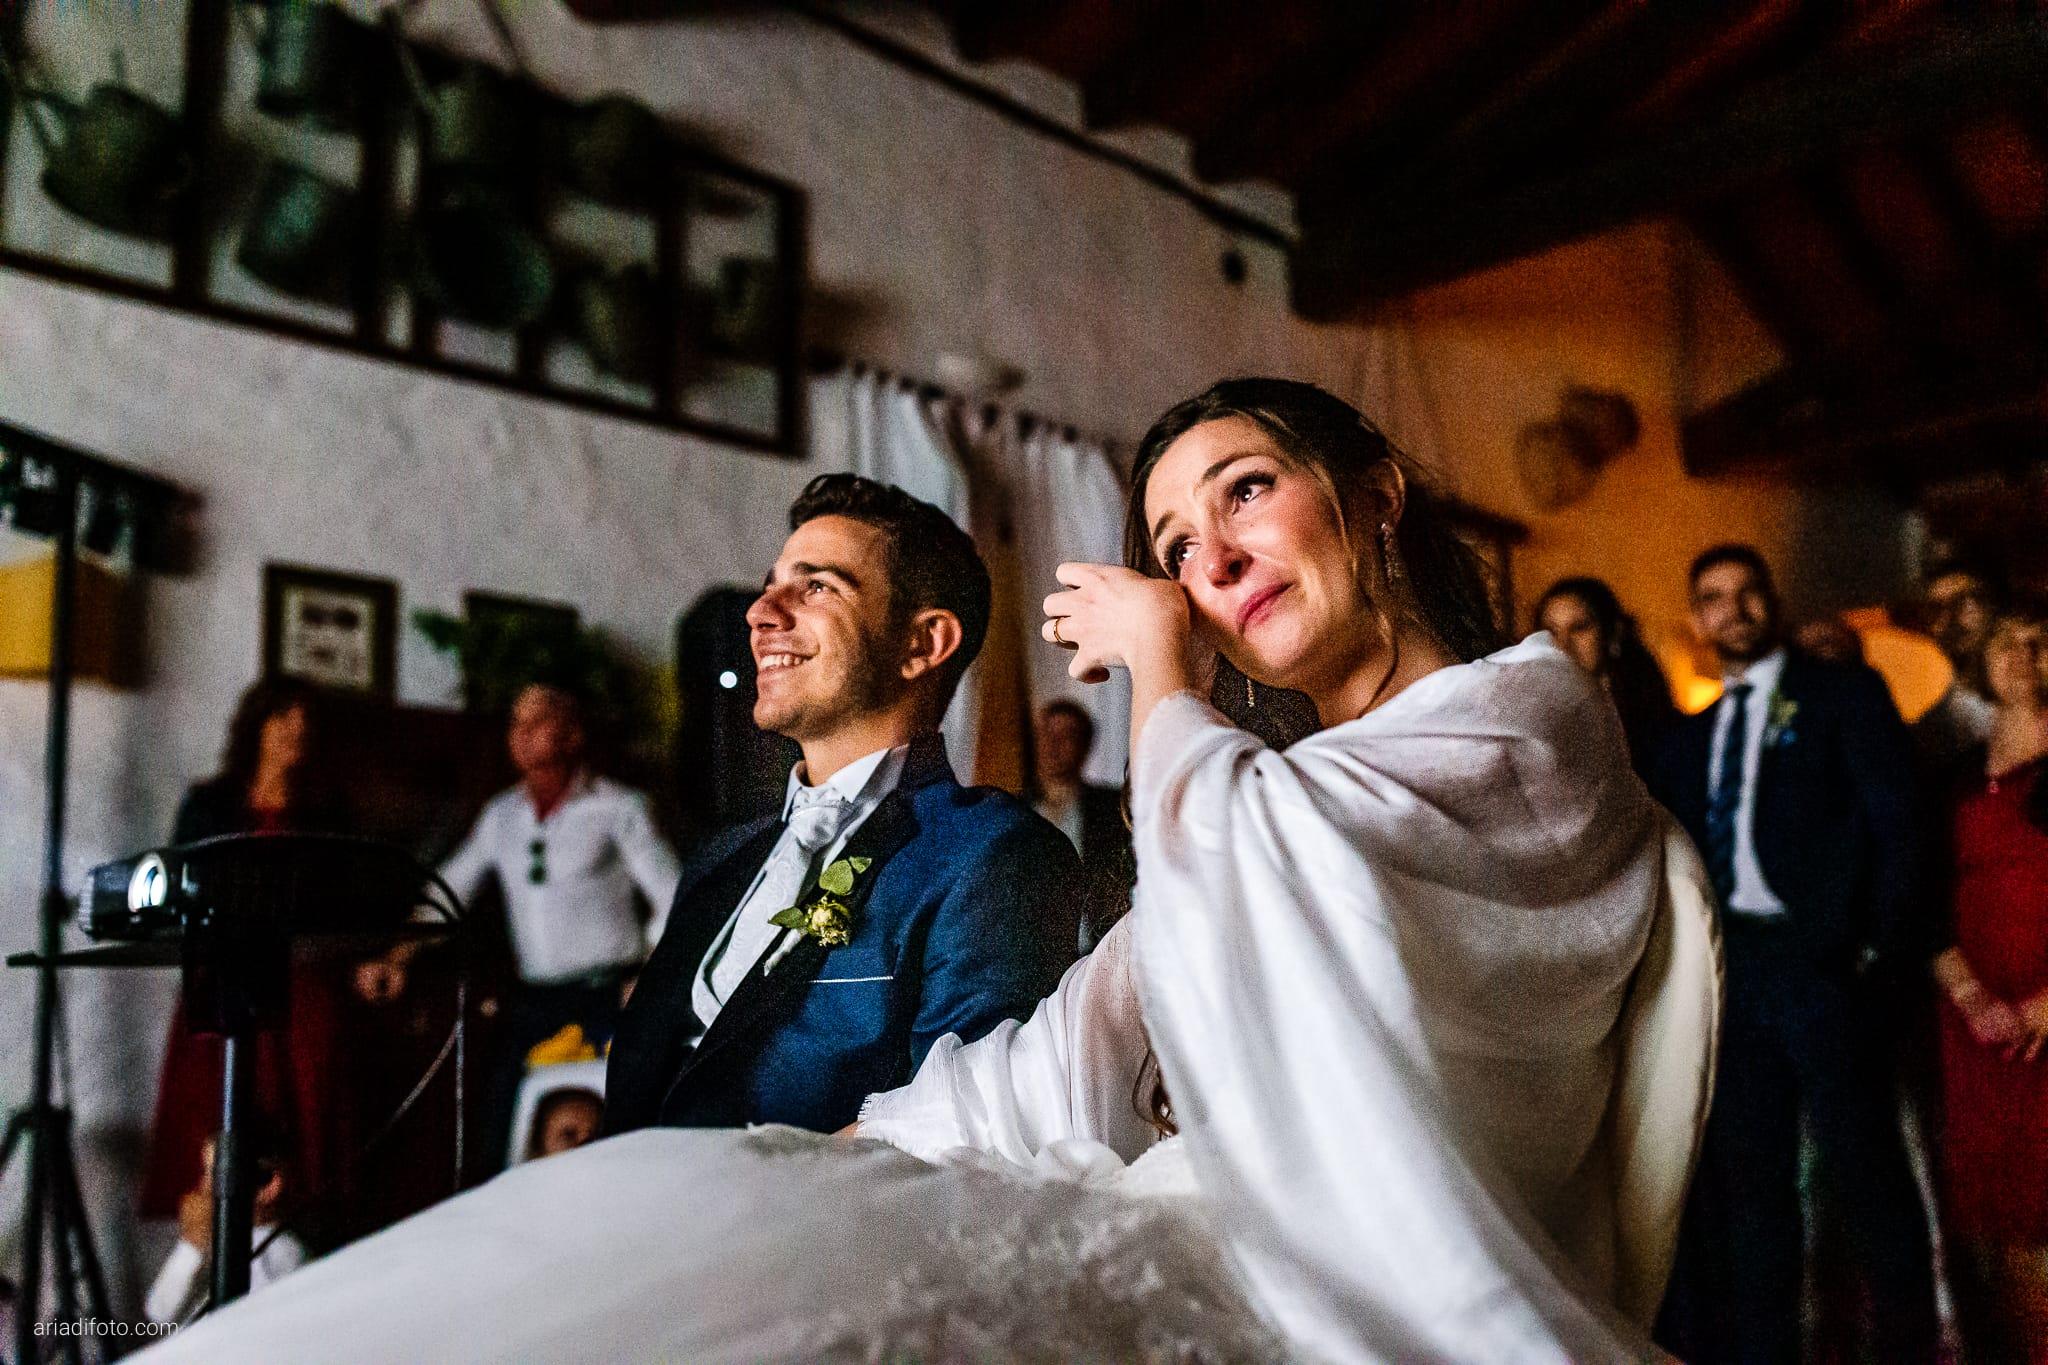 Giulia Alessandro Matrimonio Duino Trieste Baronesse Tacco San Floriano Del Collio Gorizia ricevimento proiezione amici Live